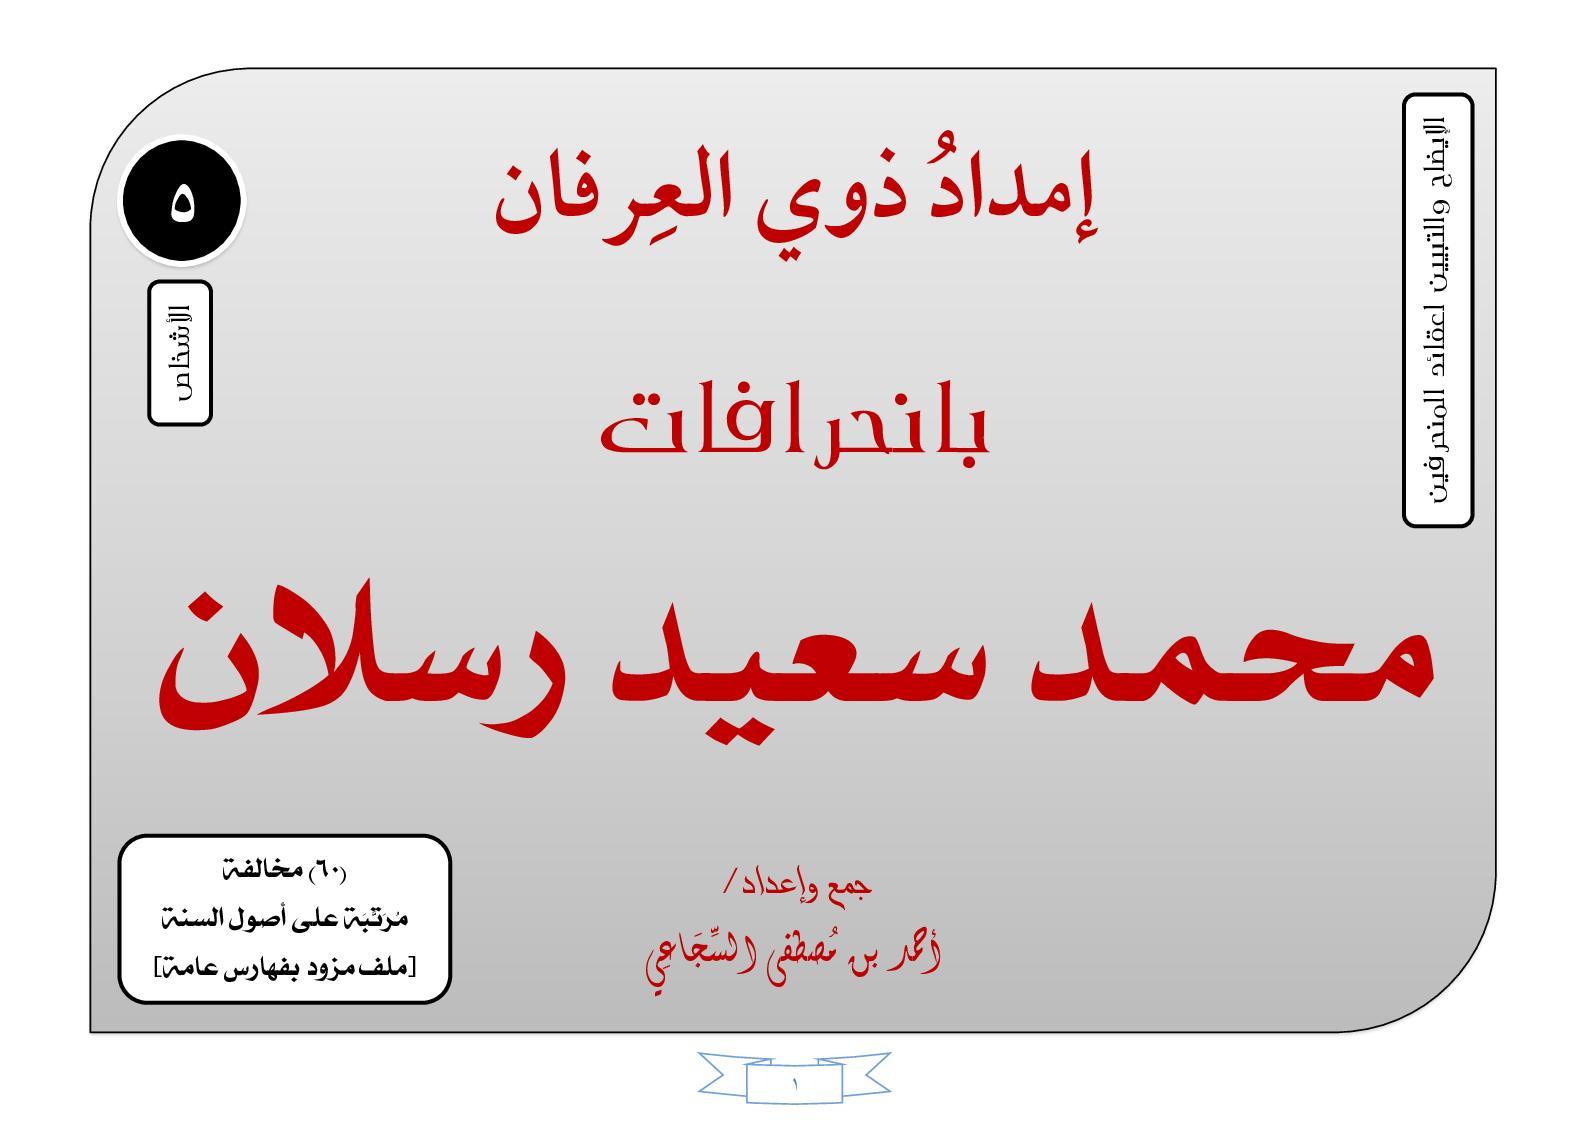 إمداد ذوي العرفان بانحرافات محمد بن سعيد رسلان